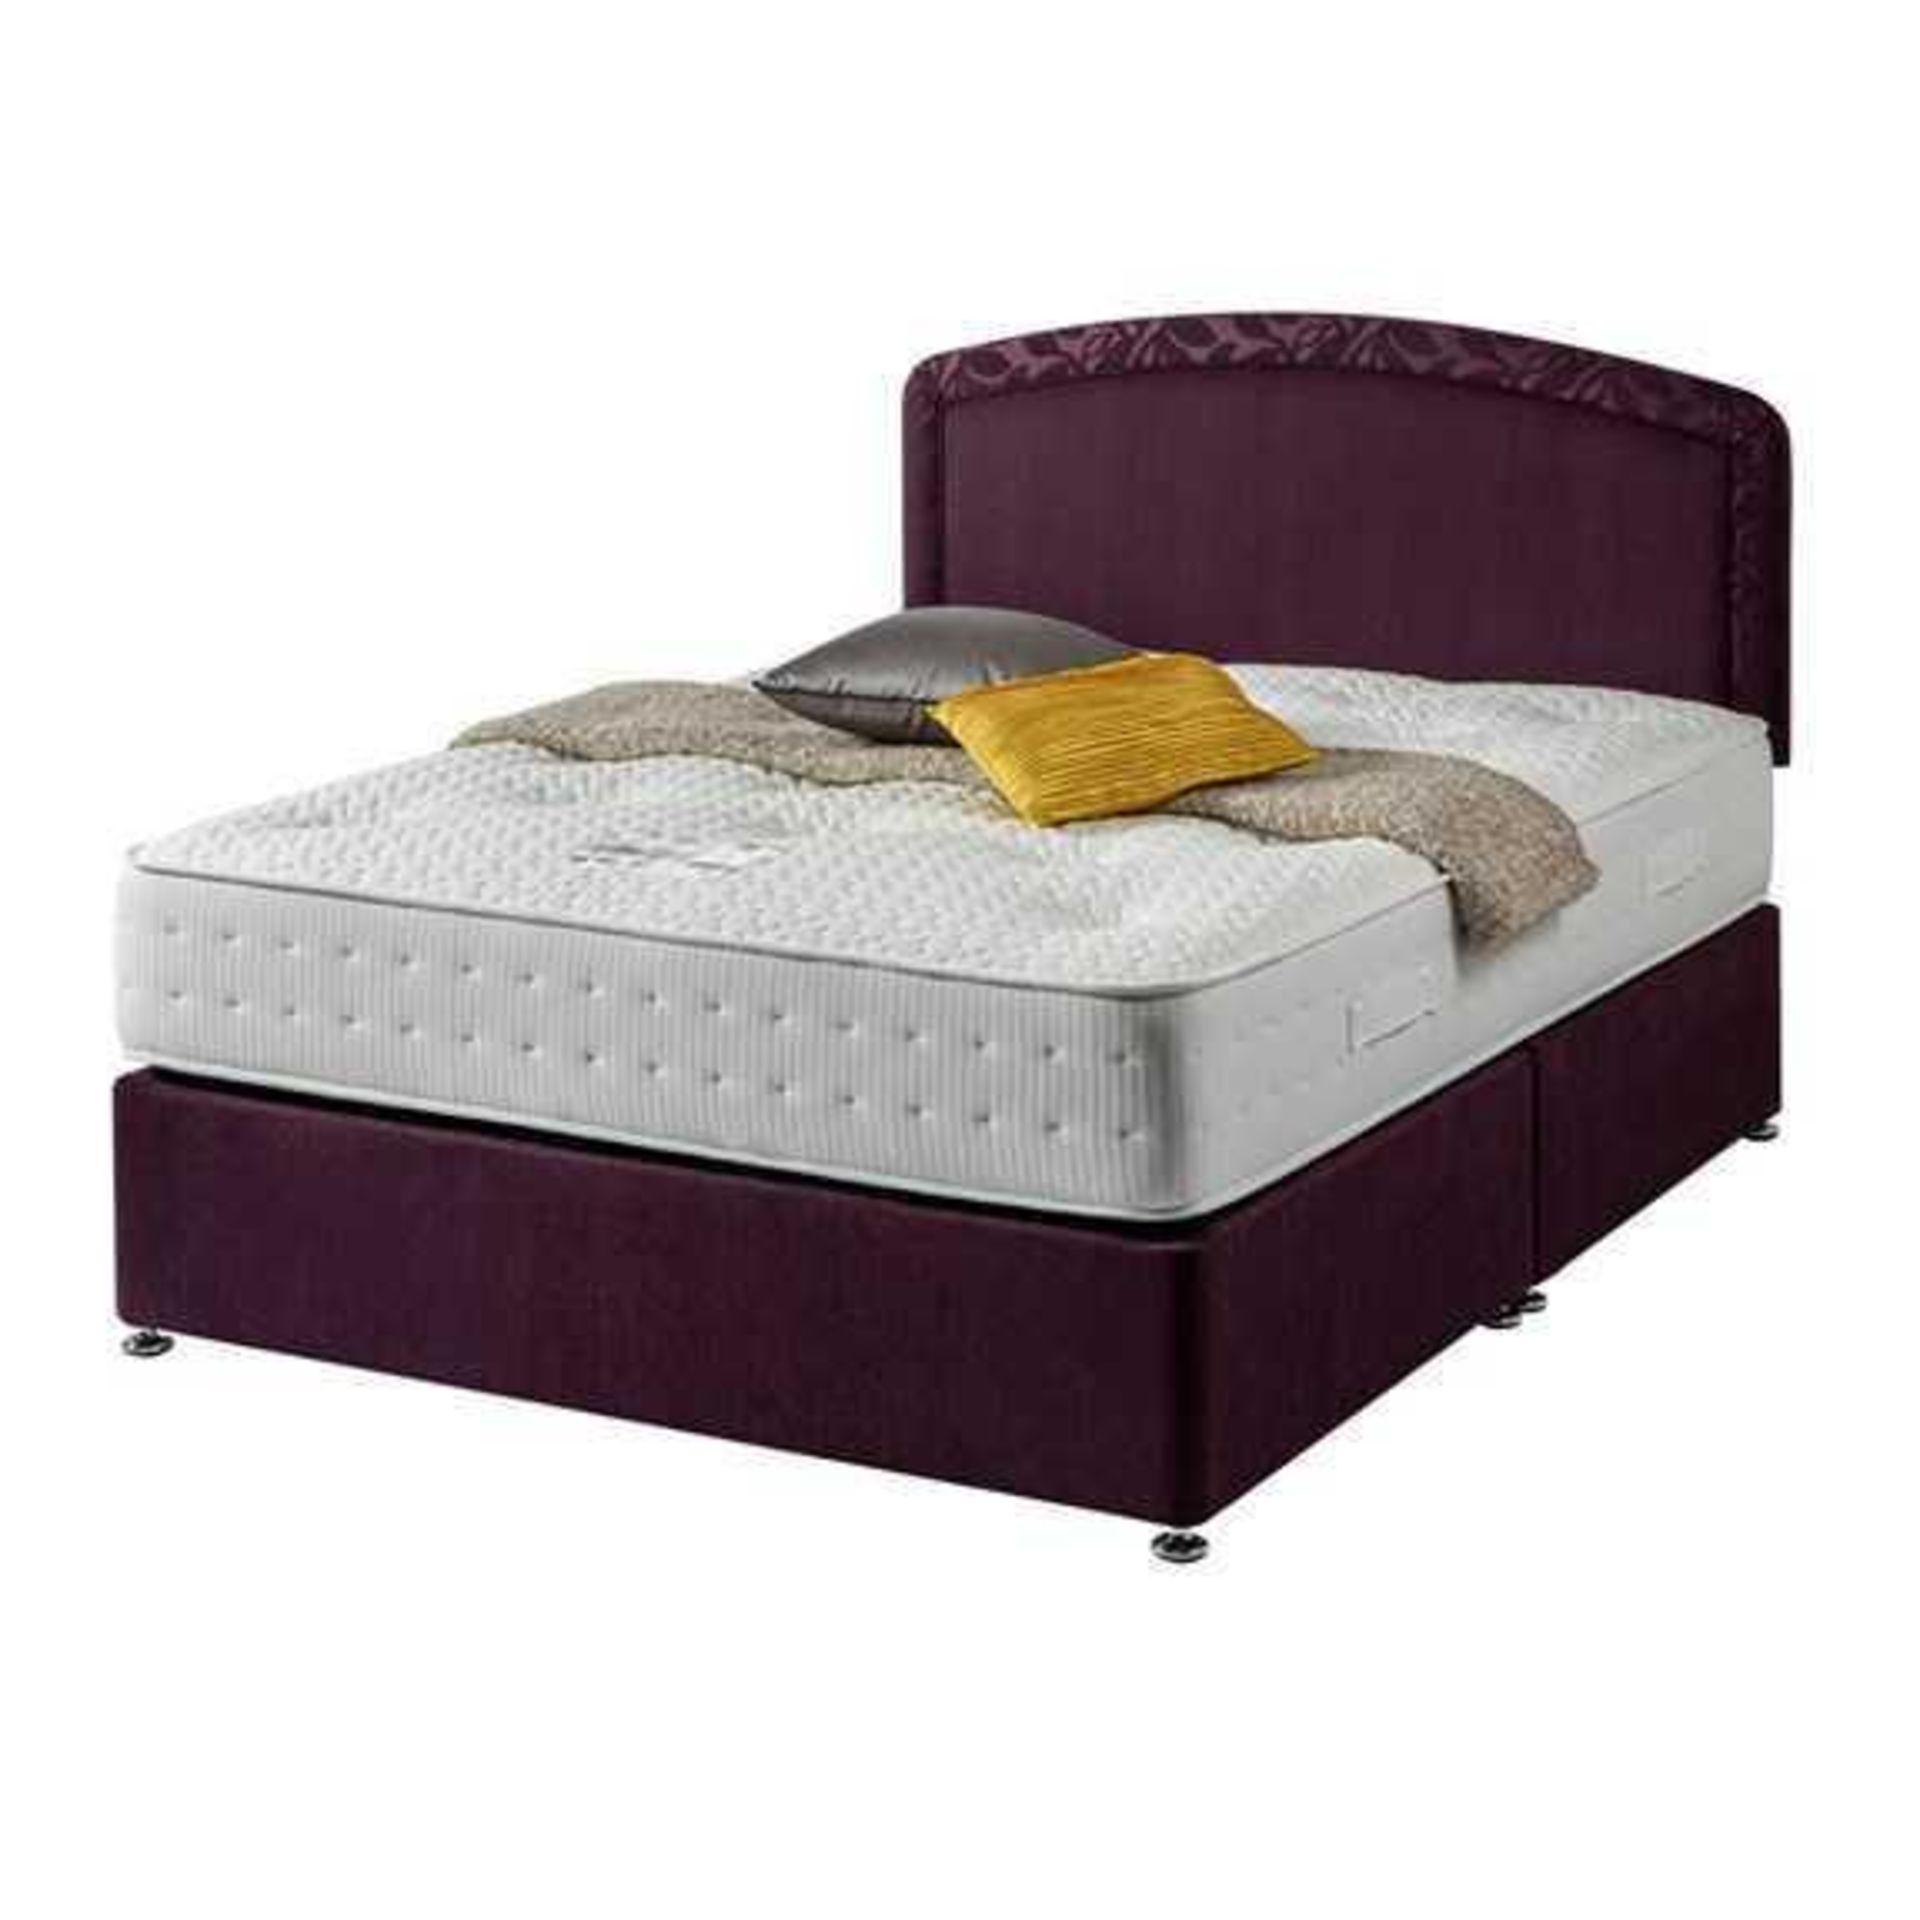 RRP £650 Lorenza 5-Ft Sleepright Aubergine Divan Bed With Mattress ( No Headboard) Ex Showroom